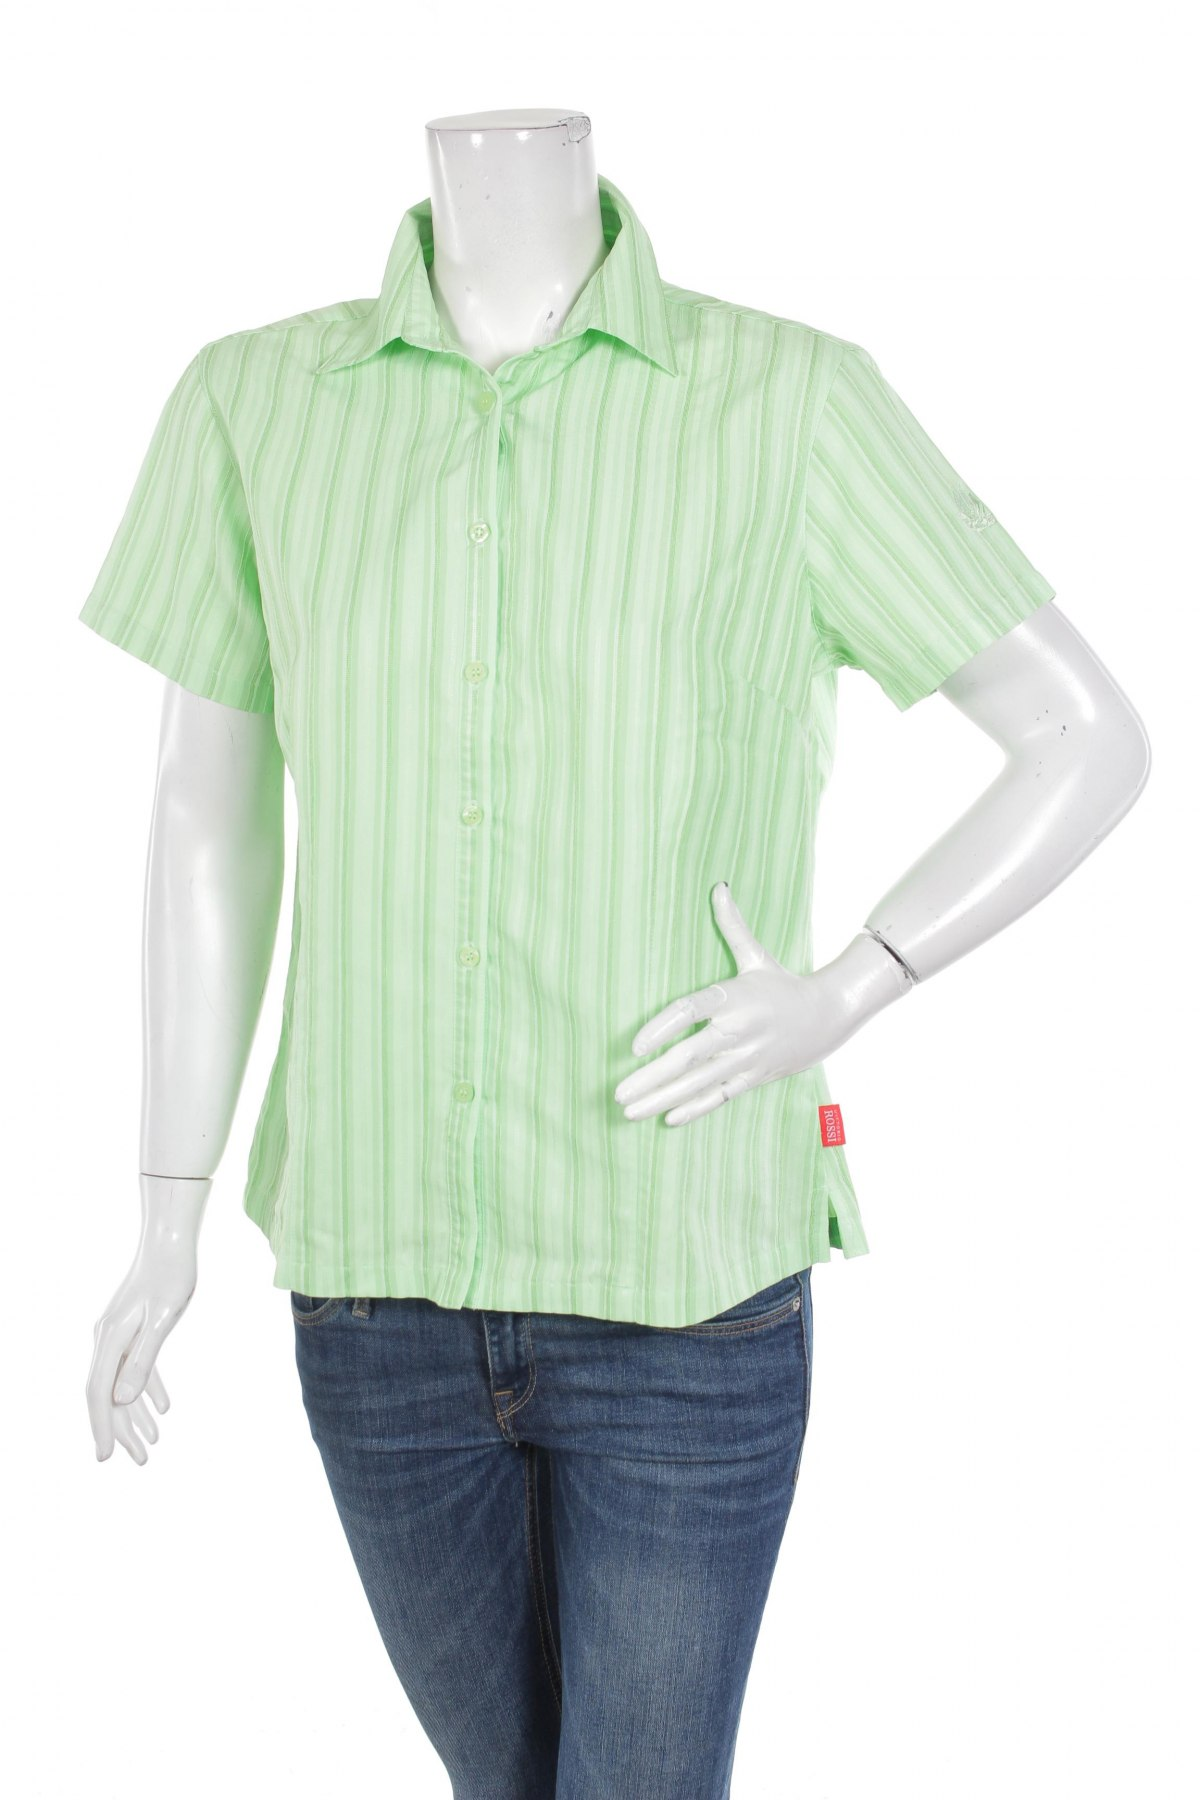 Γυναικείο πουκάμισο Vittorio Rossi, Μέγεθος L, Χρώμα Πράσινο, Τιμή 8,66€